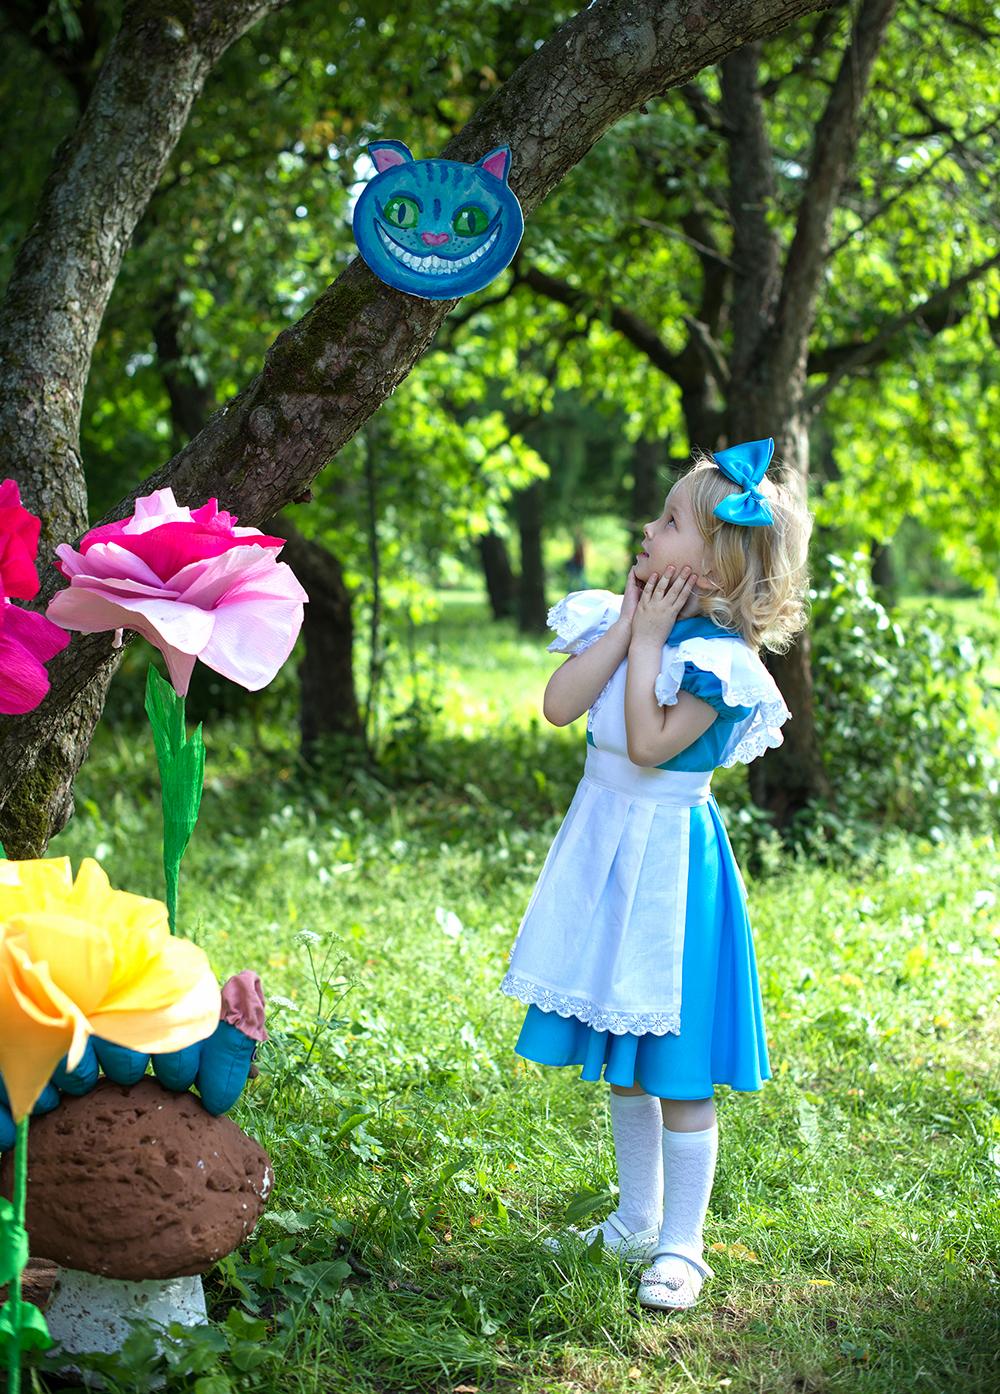 Алиса  в  стране  чудес. Я и мой герой